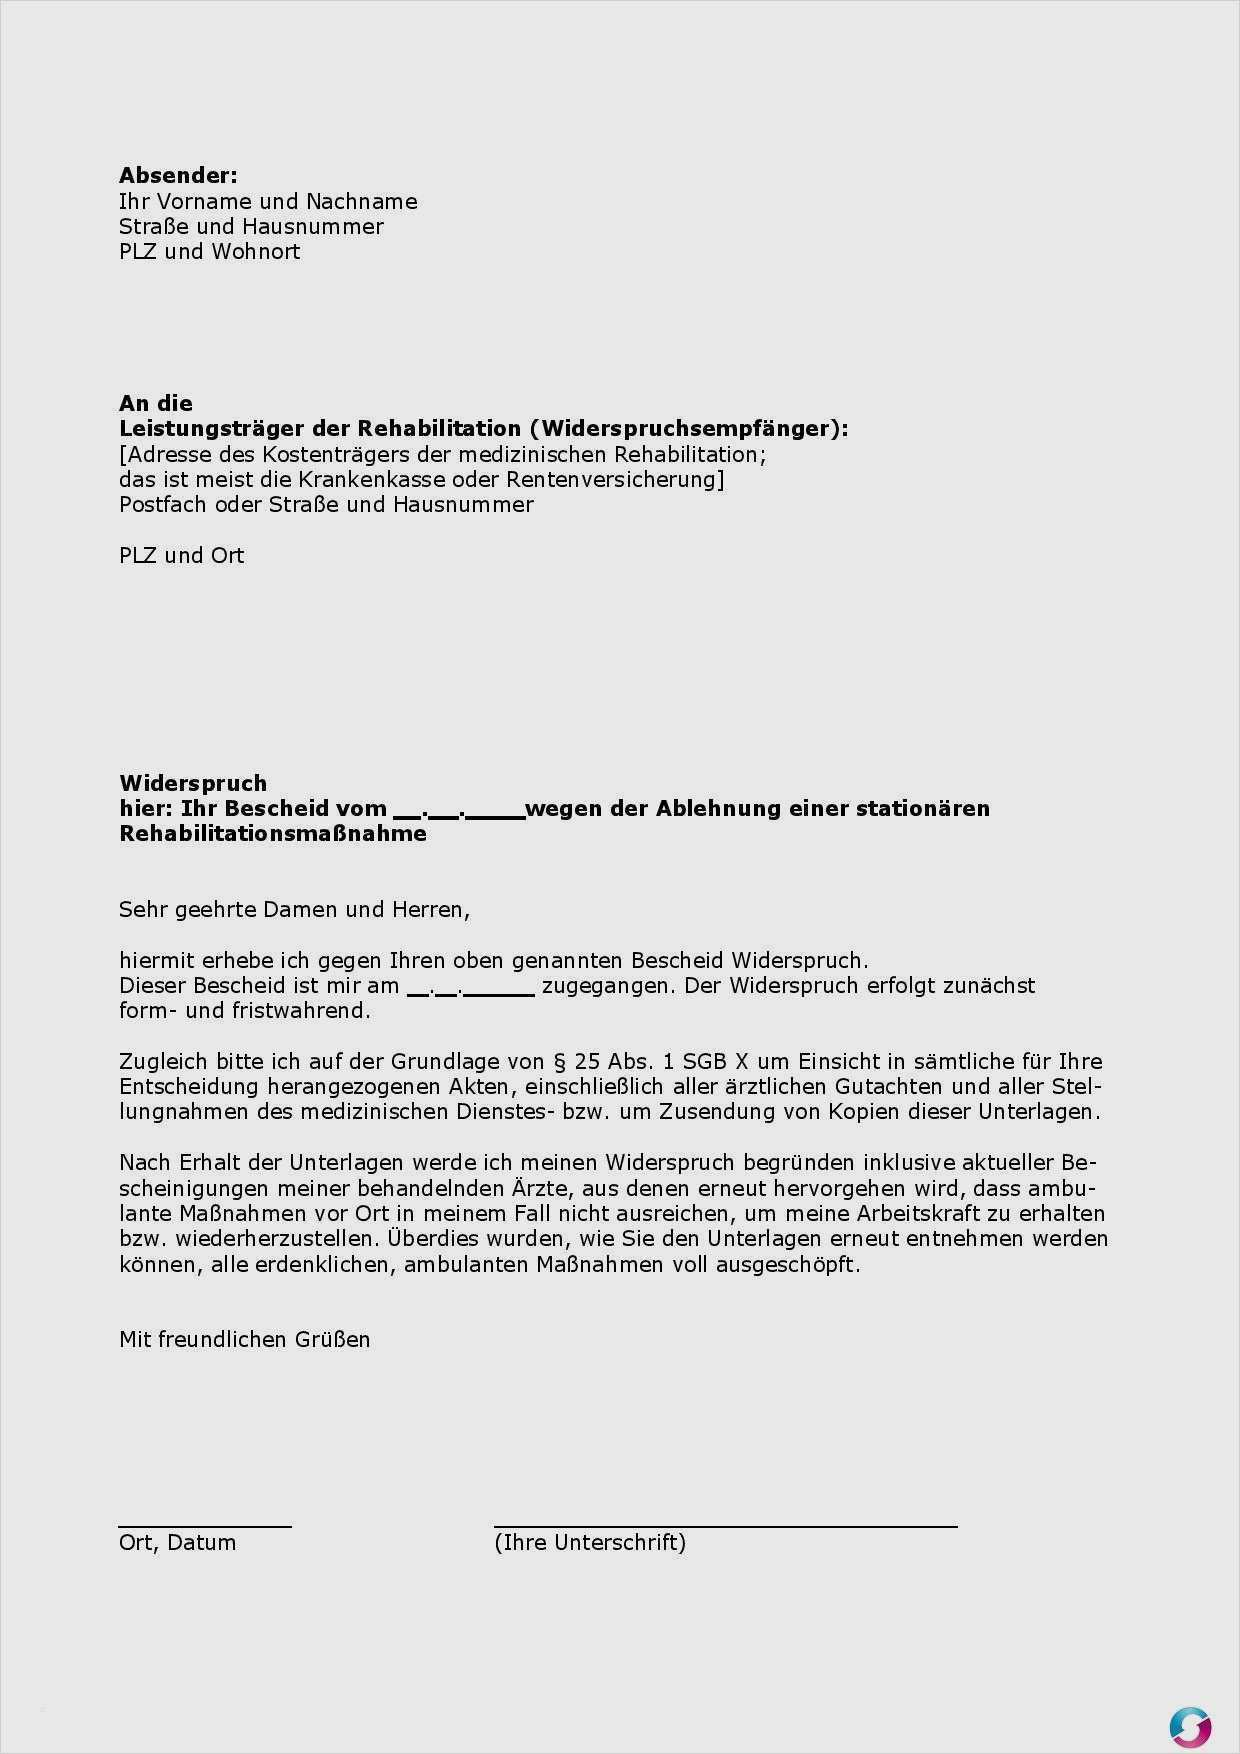 Erstaunlich Widerspruch Rentenversicherung Vorlage Ebendiese Konnen Einstellen In Microsoft Word Dillyhearts Com